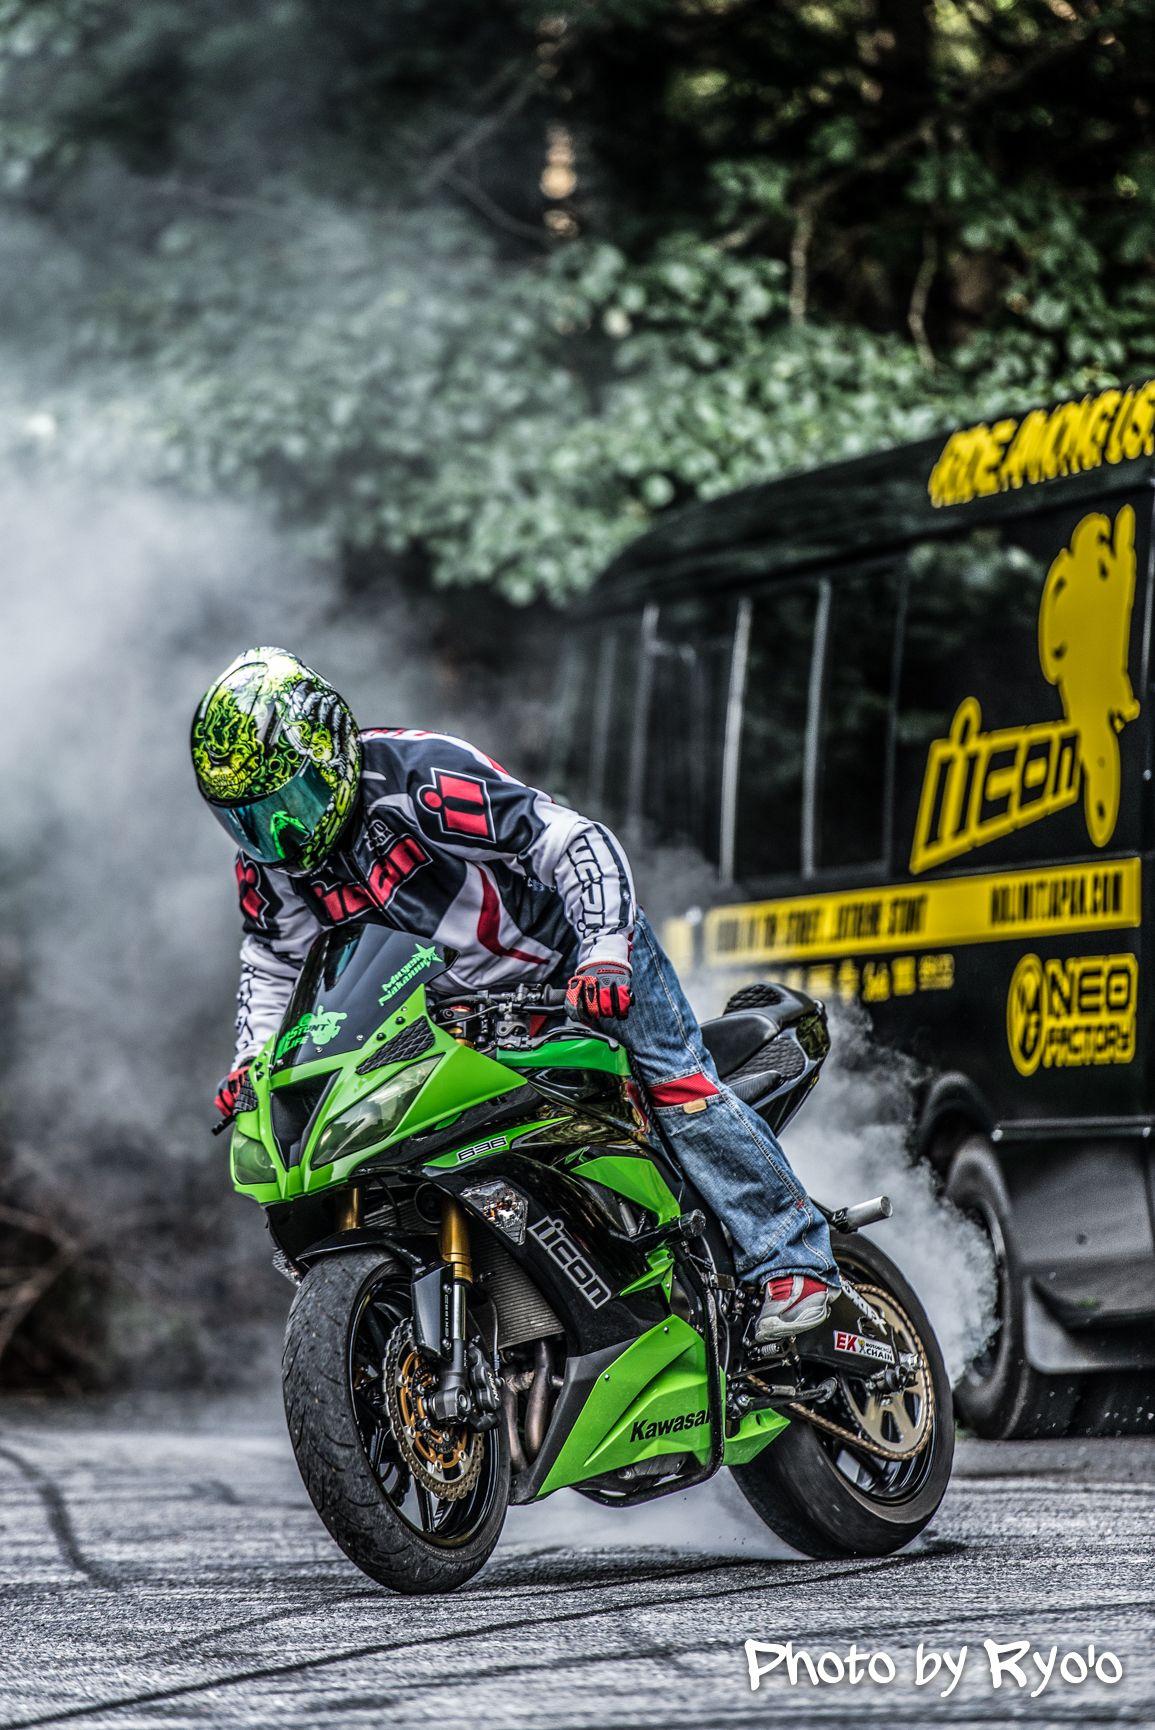 Kawasaki Motorcycle Green